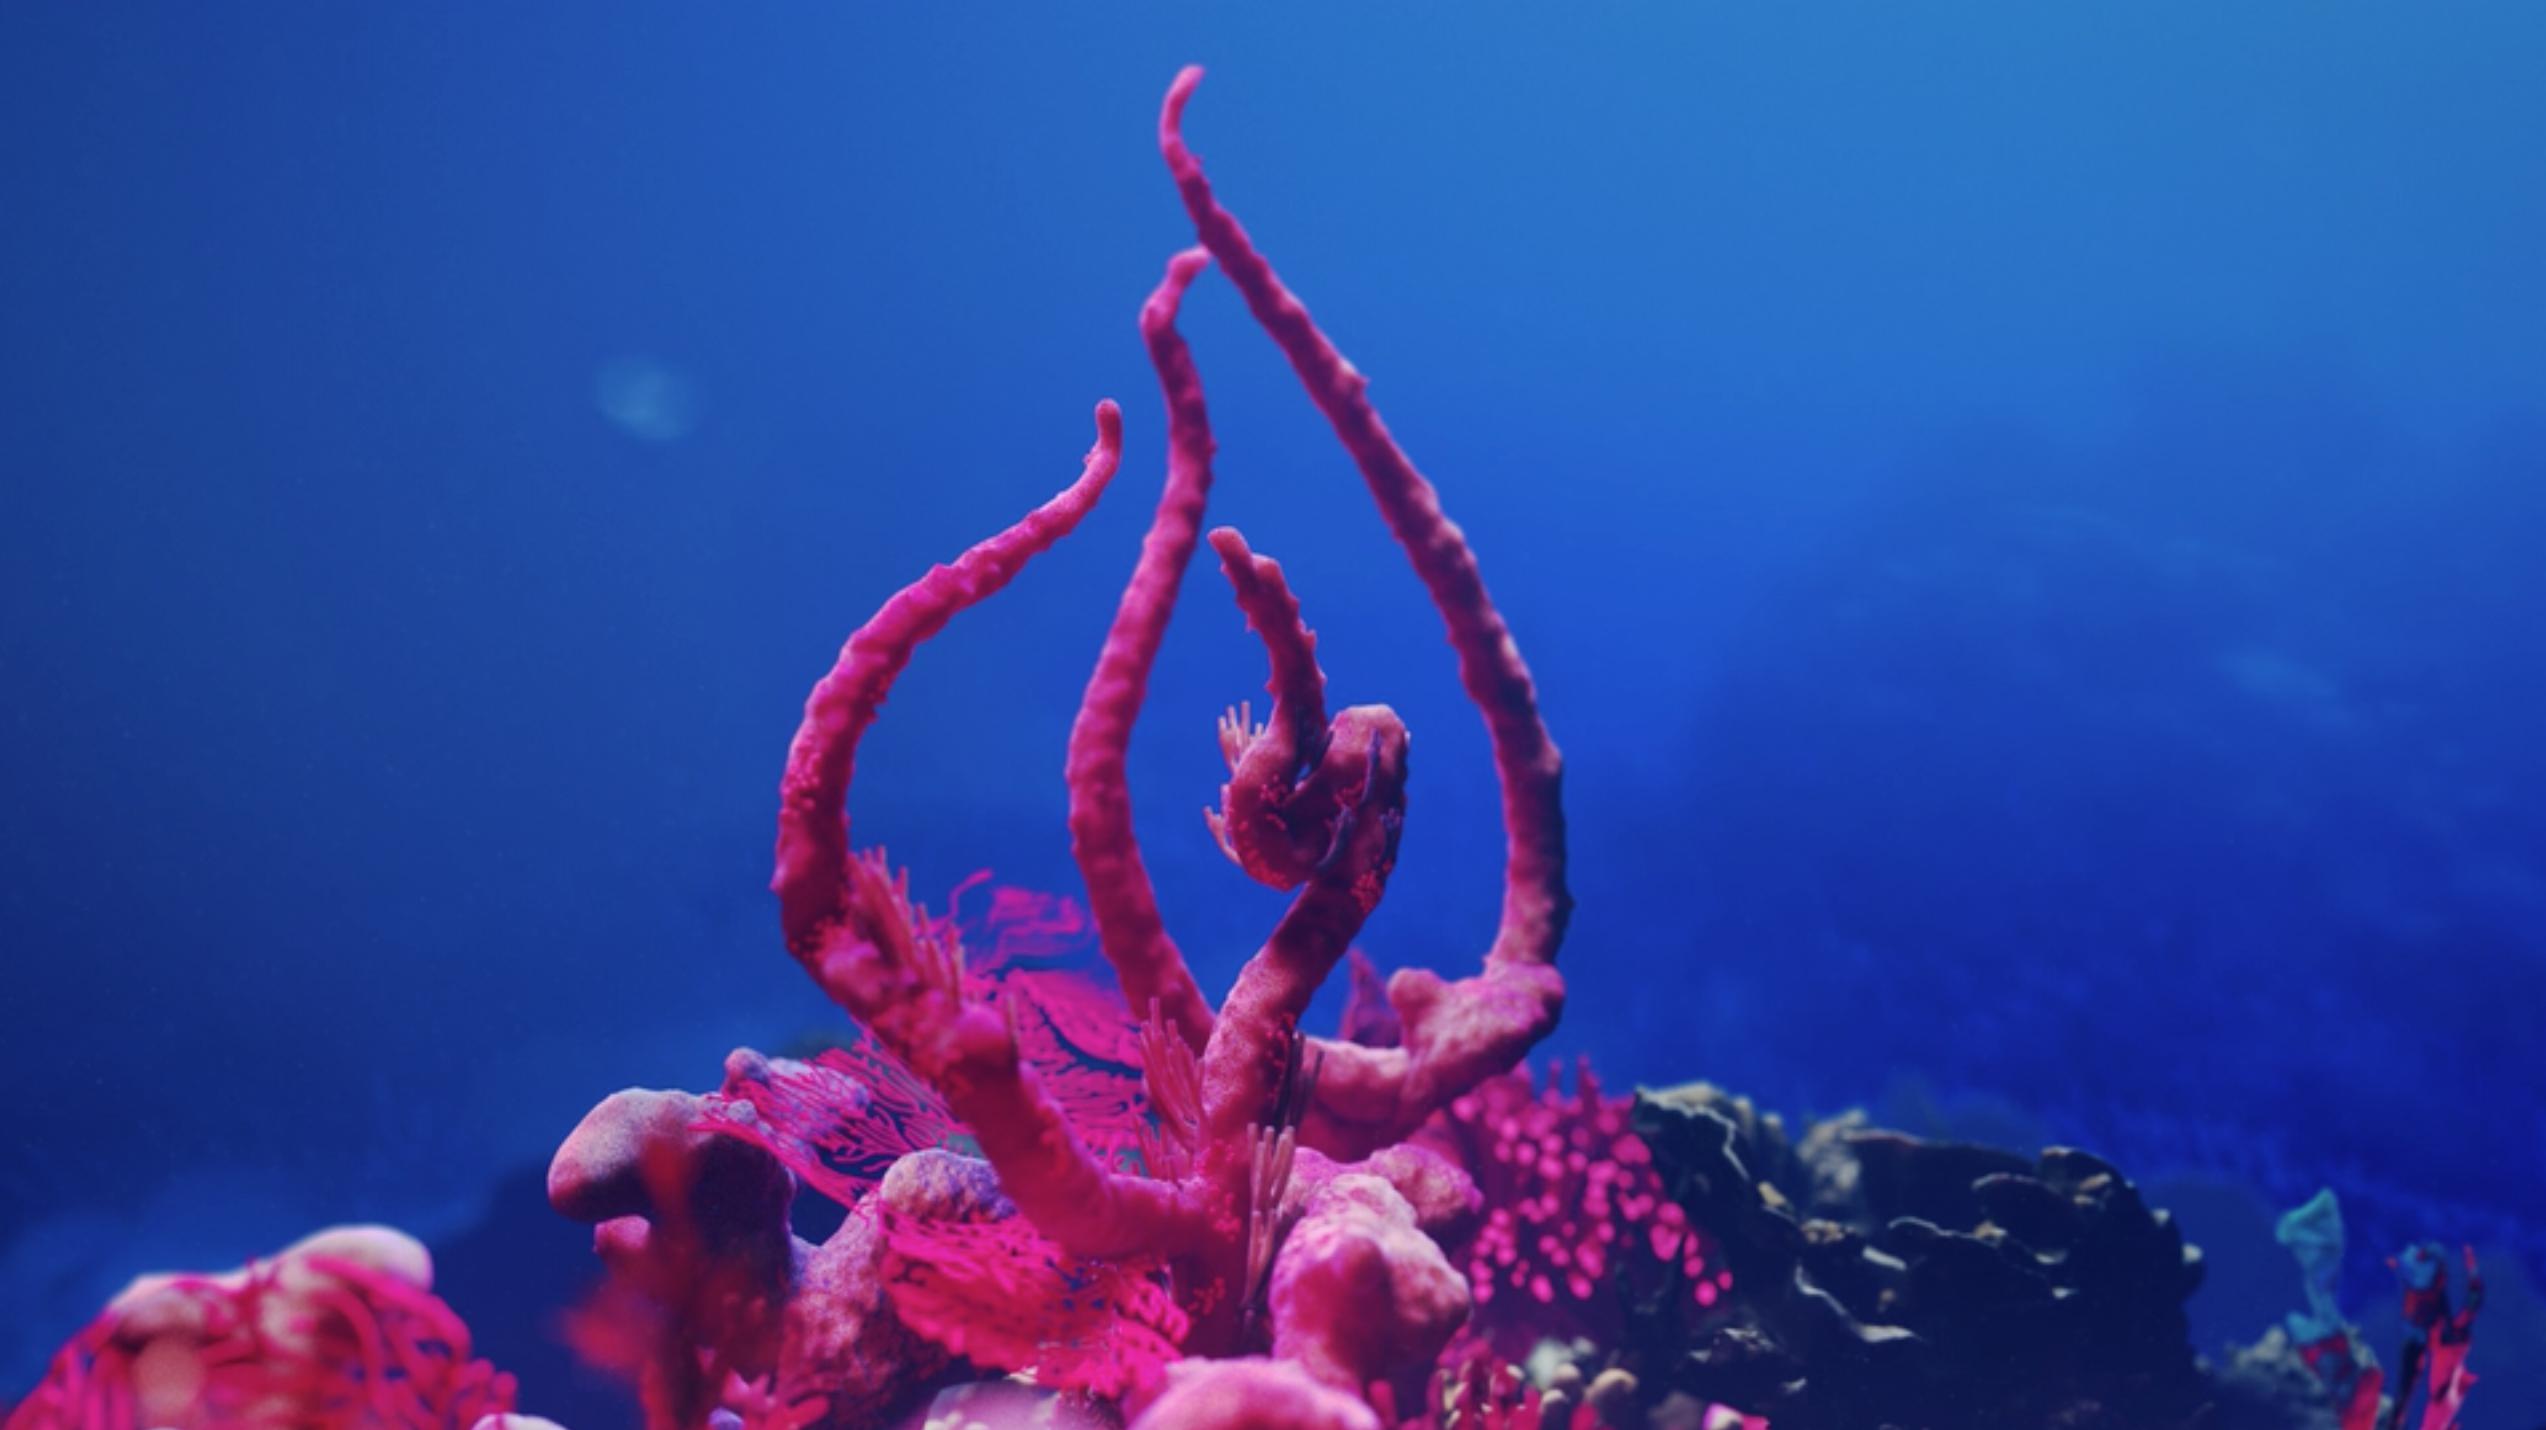 CGI coral reef